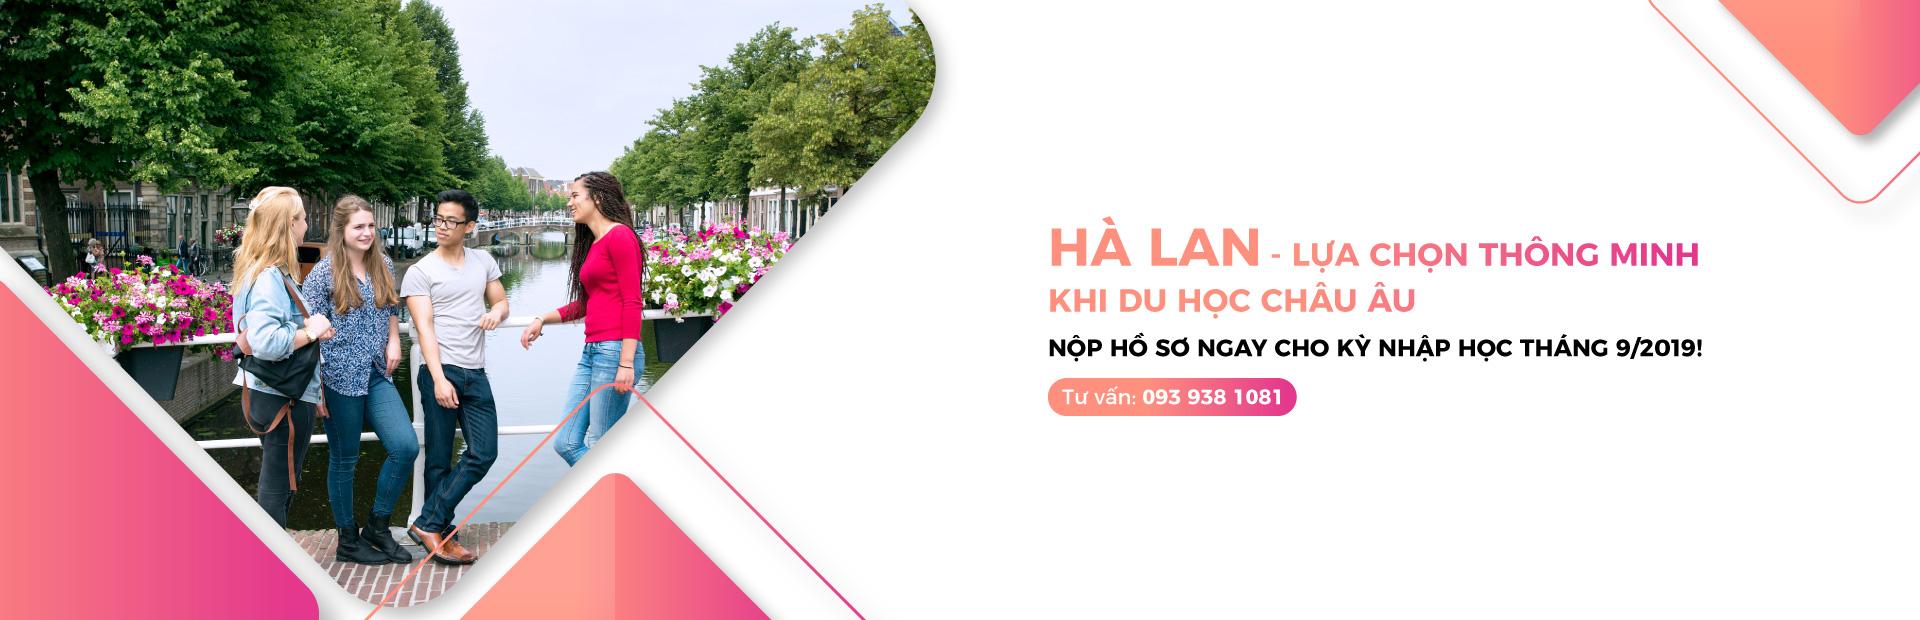 Ha Lan